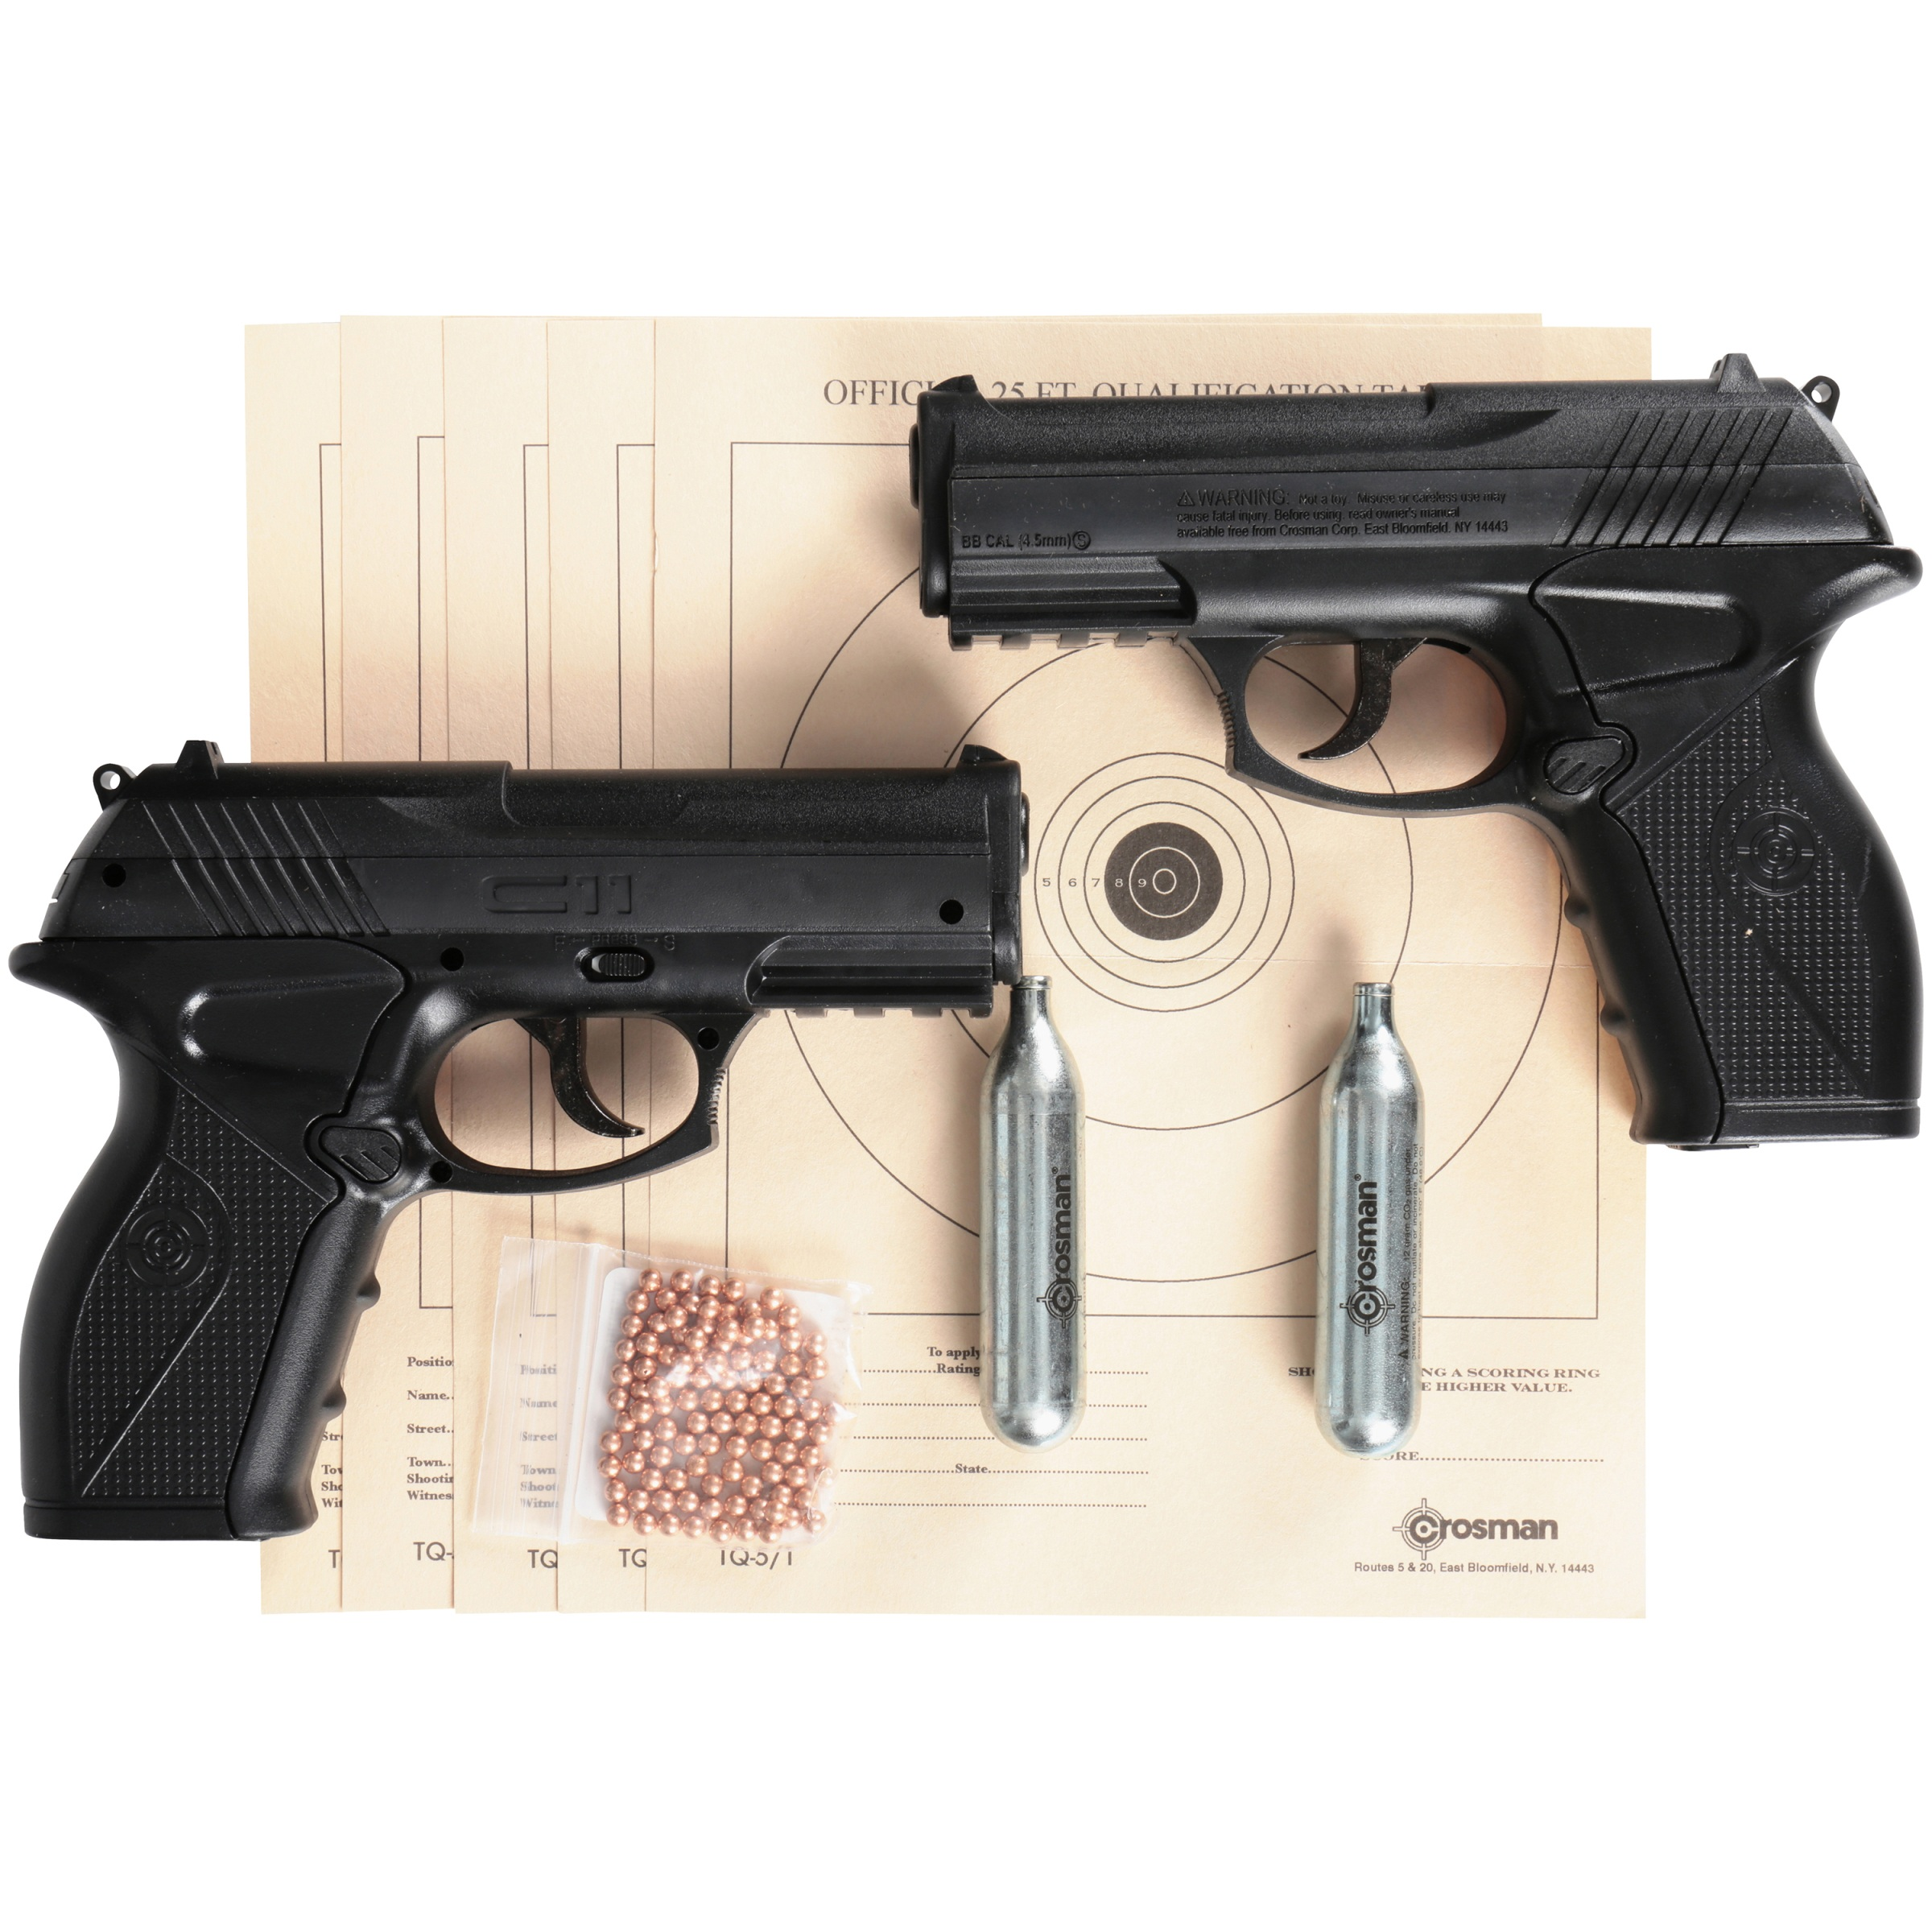 Crosman Double Down Action 177 Caliber Semi Auto Co2 Air Pistol Sig 556 Assault Rifle Model Kit Toys Bundle 480fps